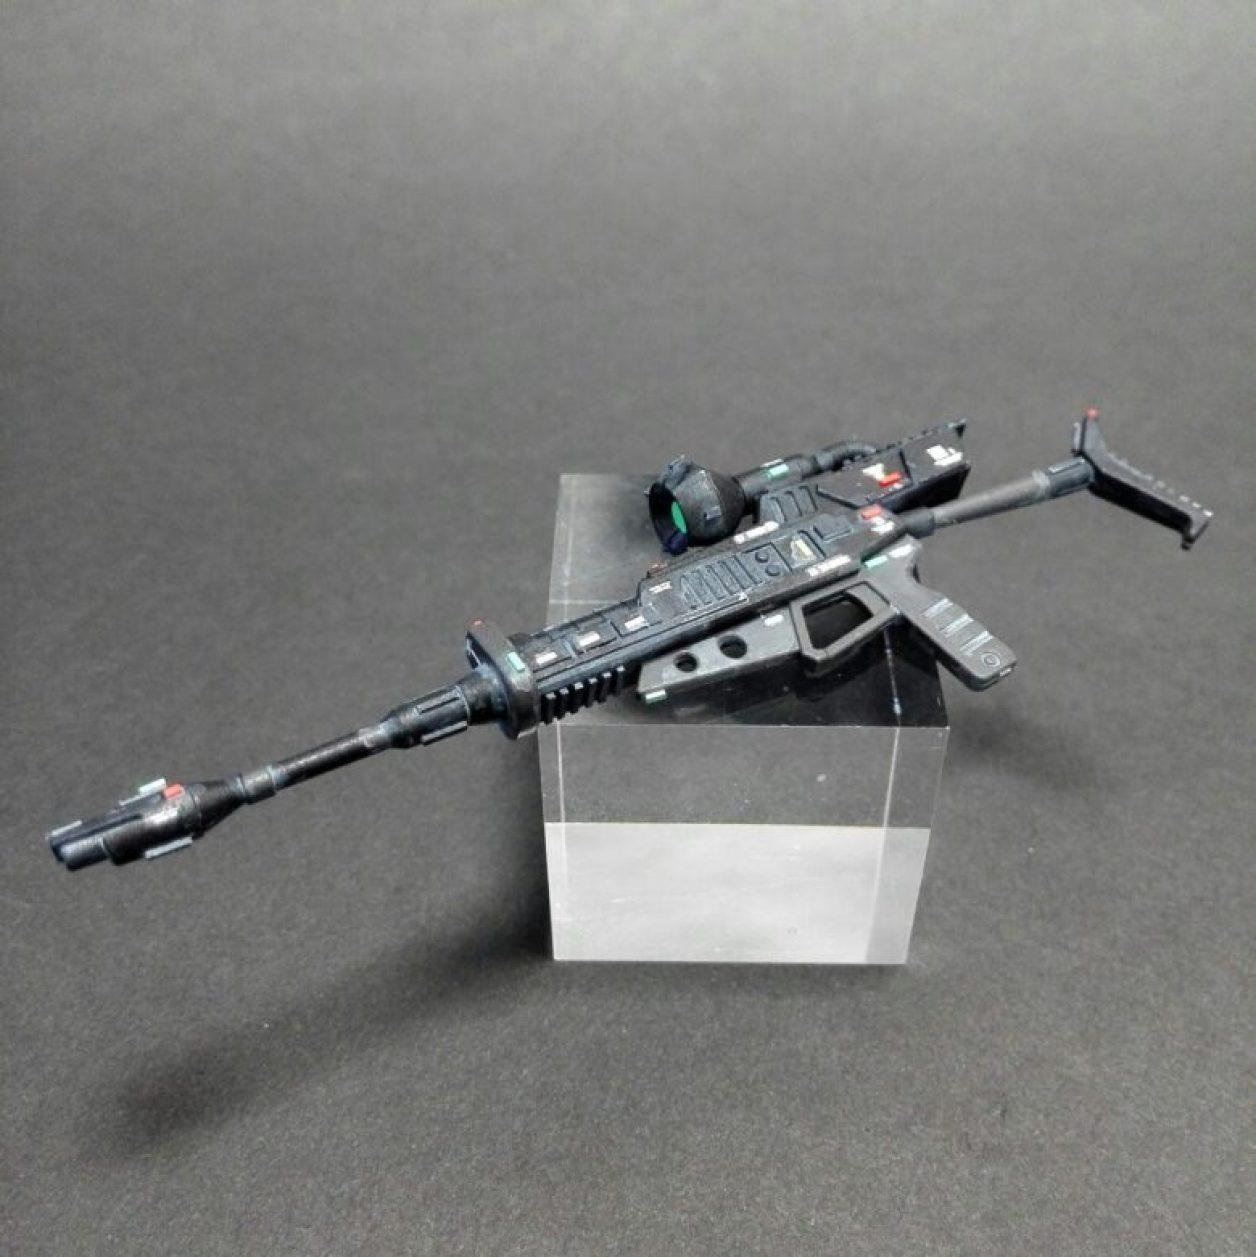 プレミアムバンダイ限定hg 1/144 ジョニーライデン専用ゲルググのビームライフルを改造とディテールアップした画像